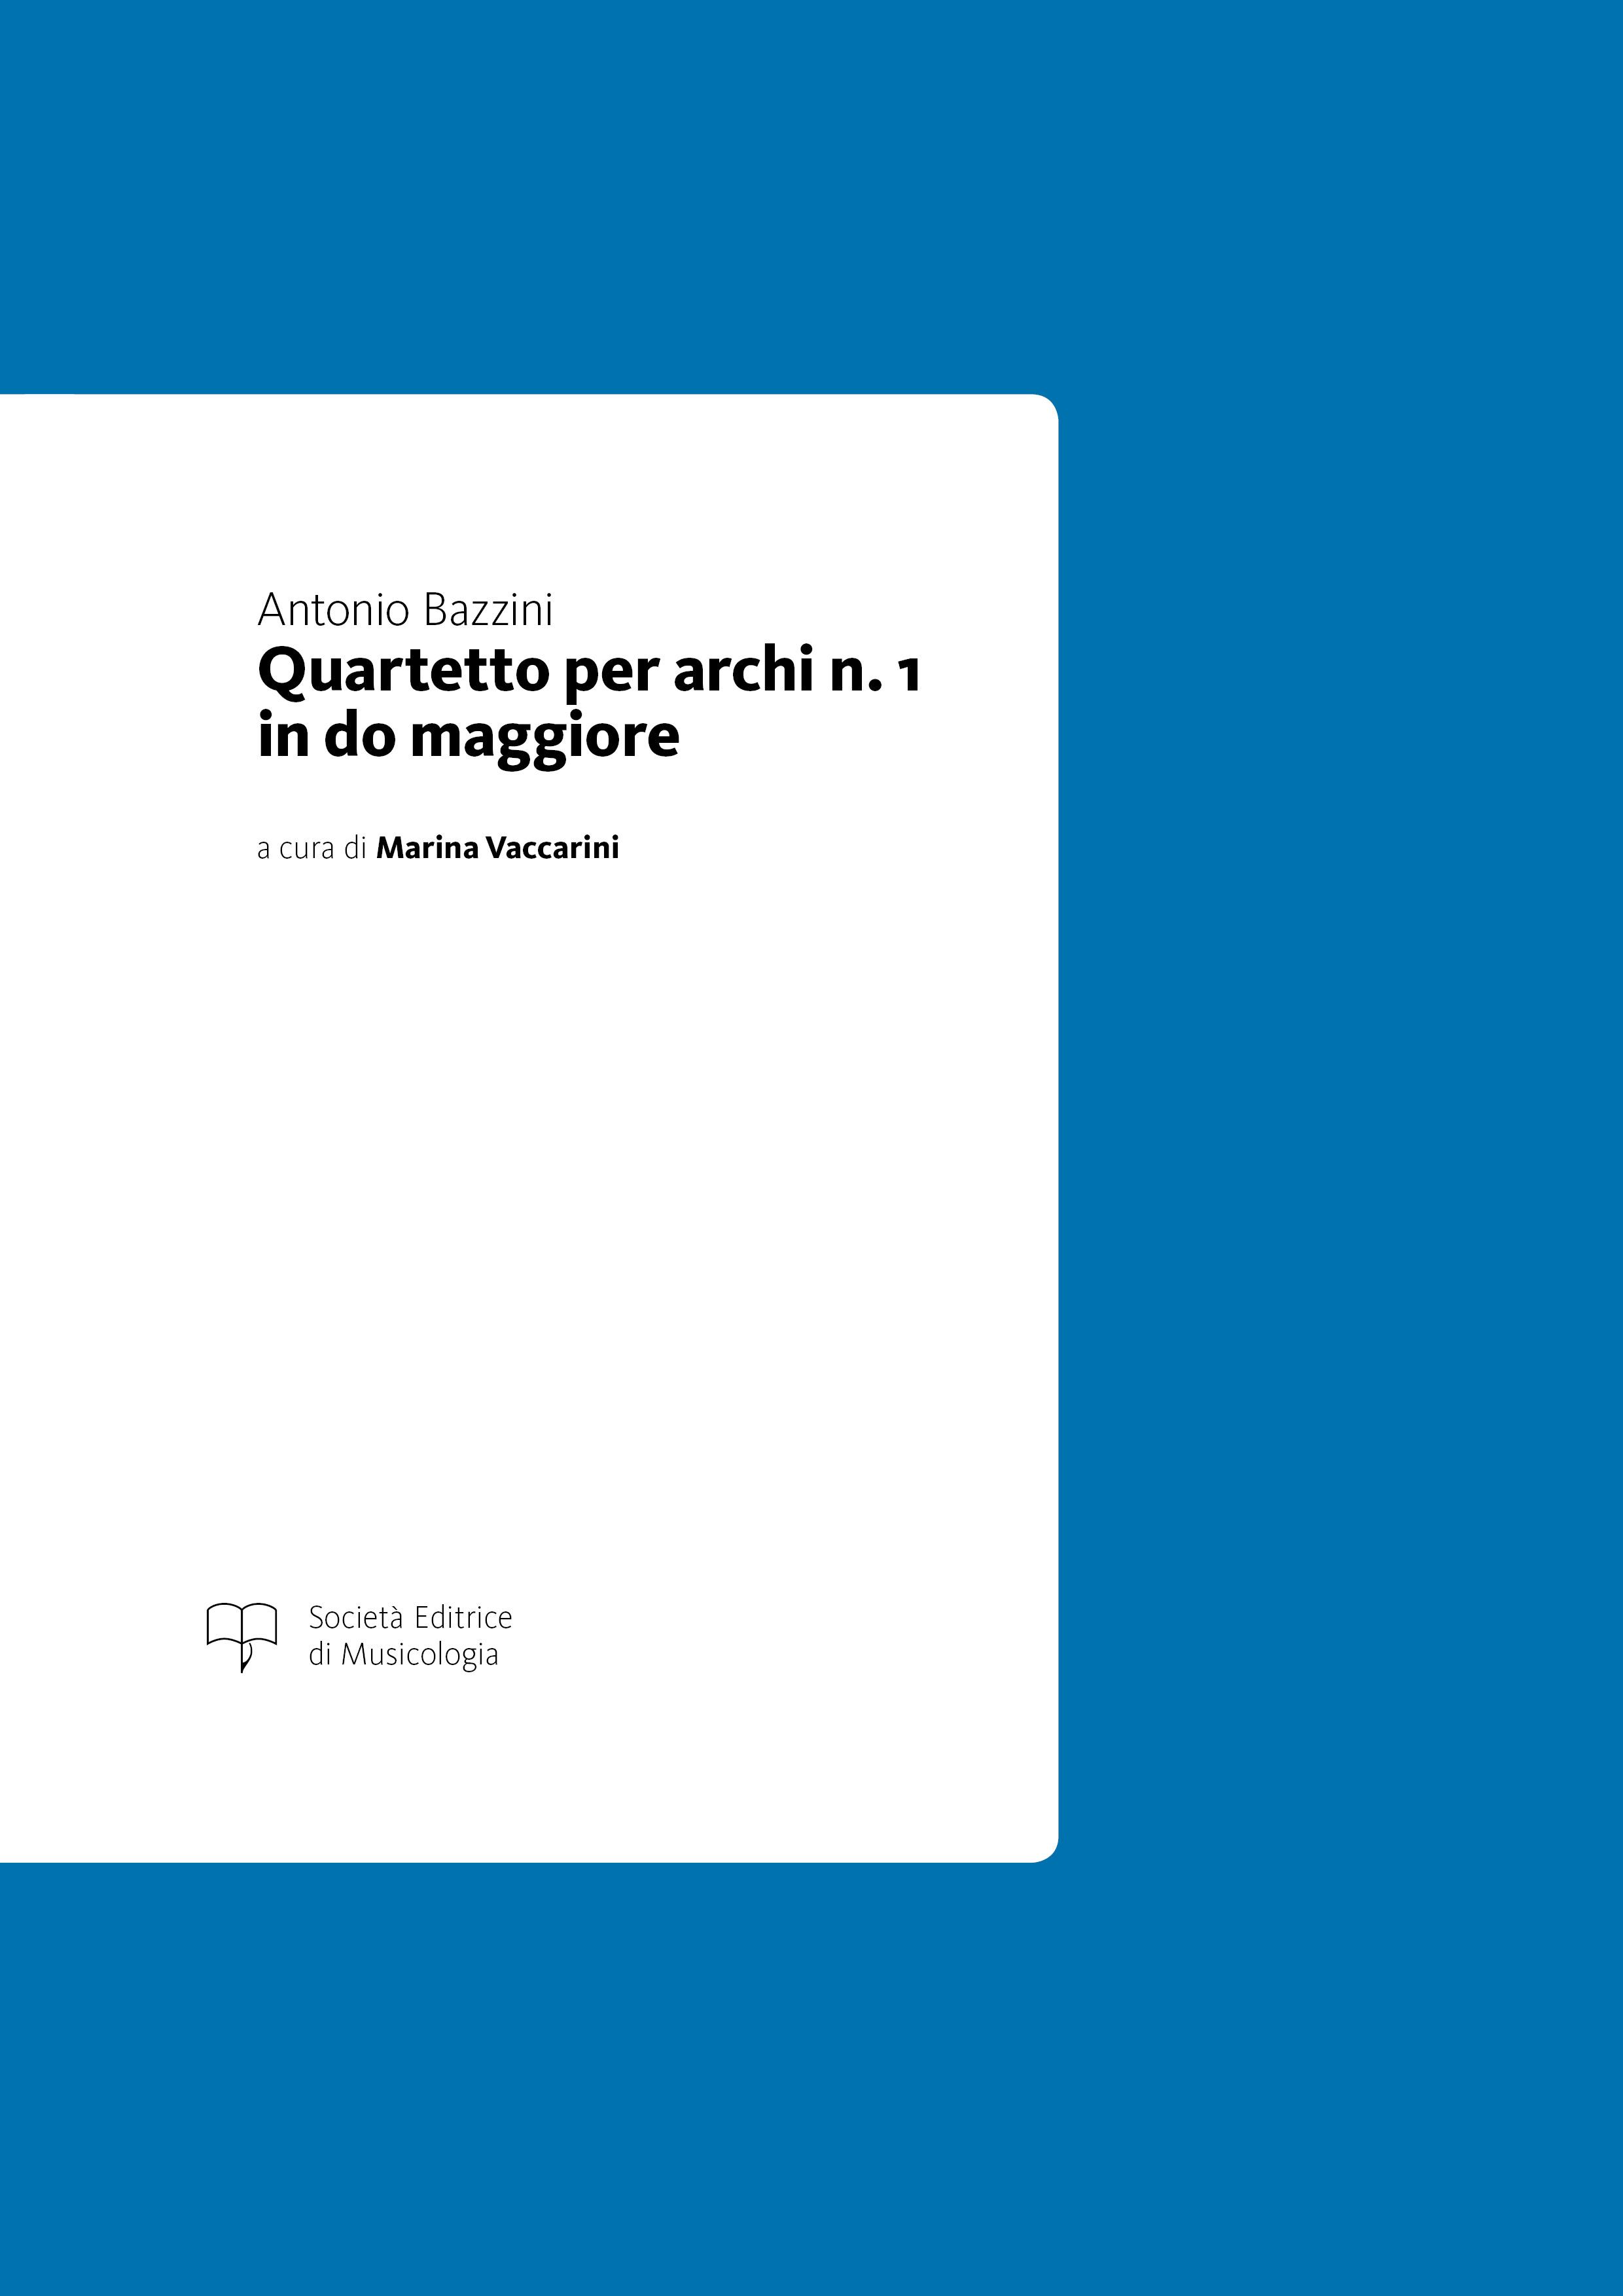 Bazzini - Quartetto per archi n. 1 in do maggiore